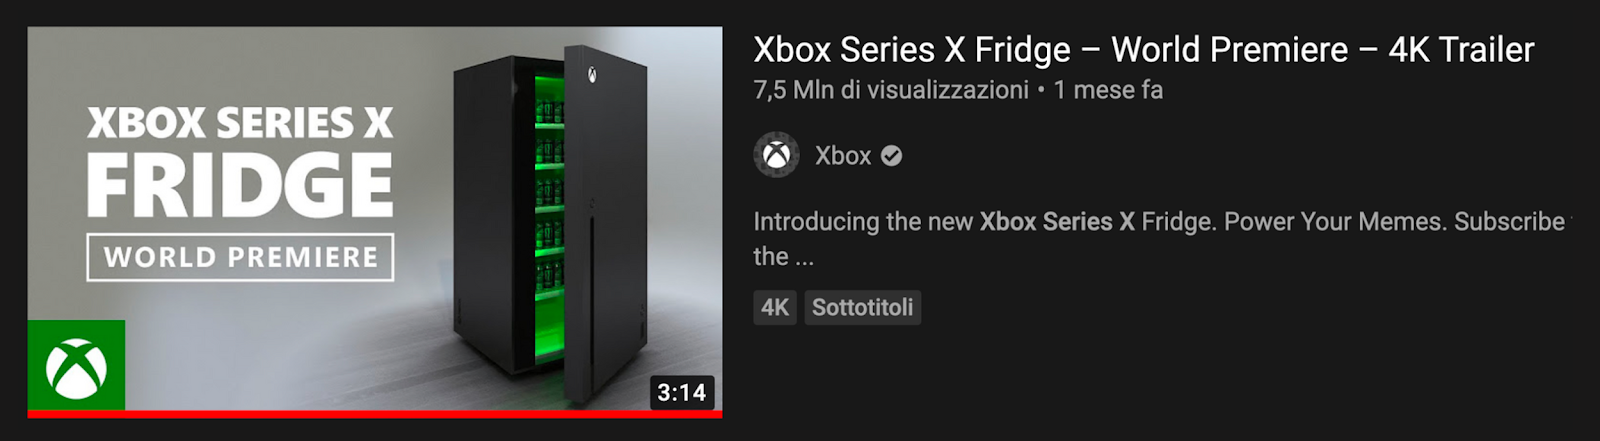 xbox fridge campaign